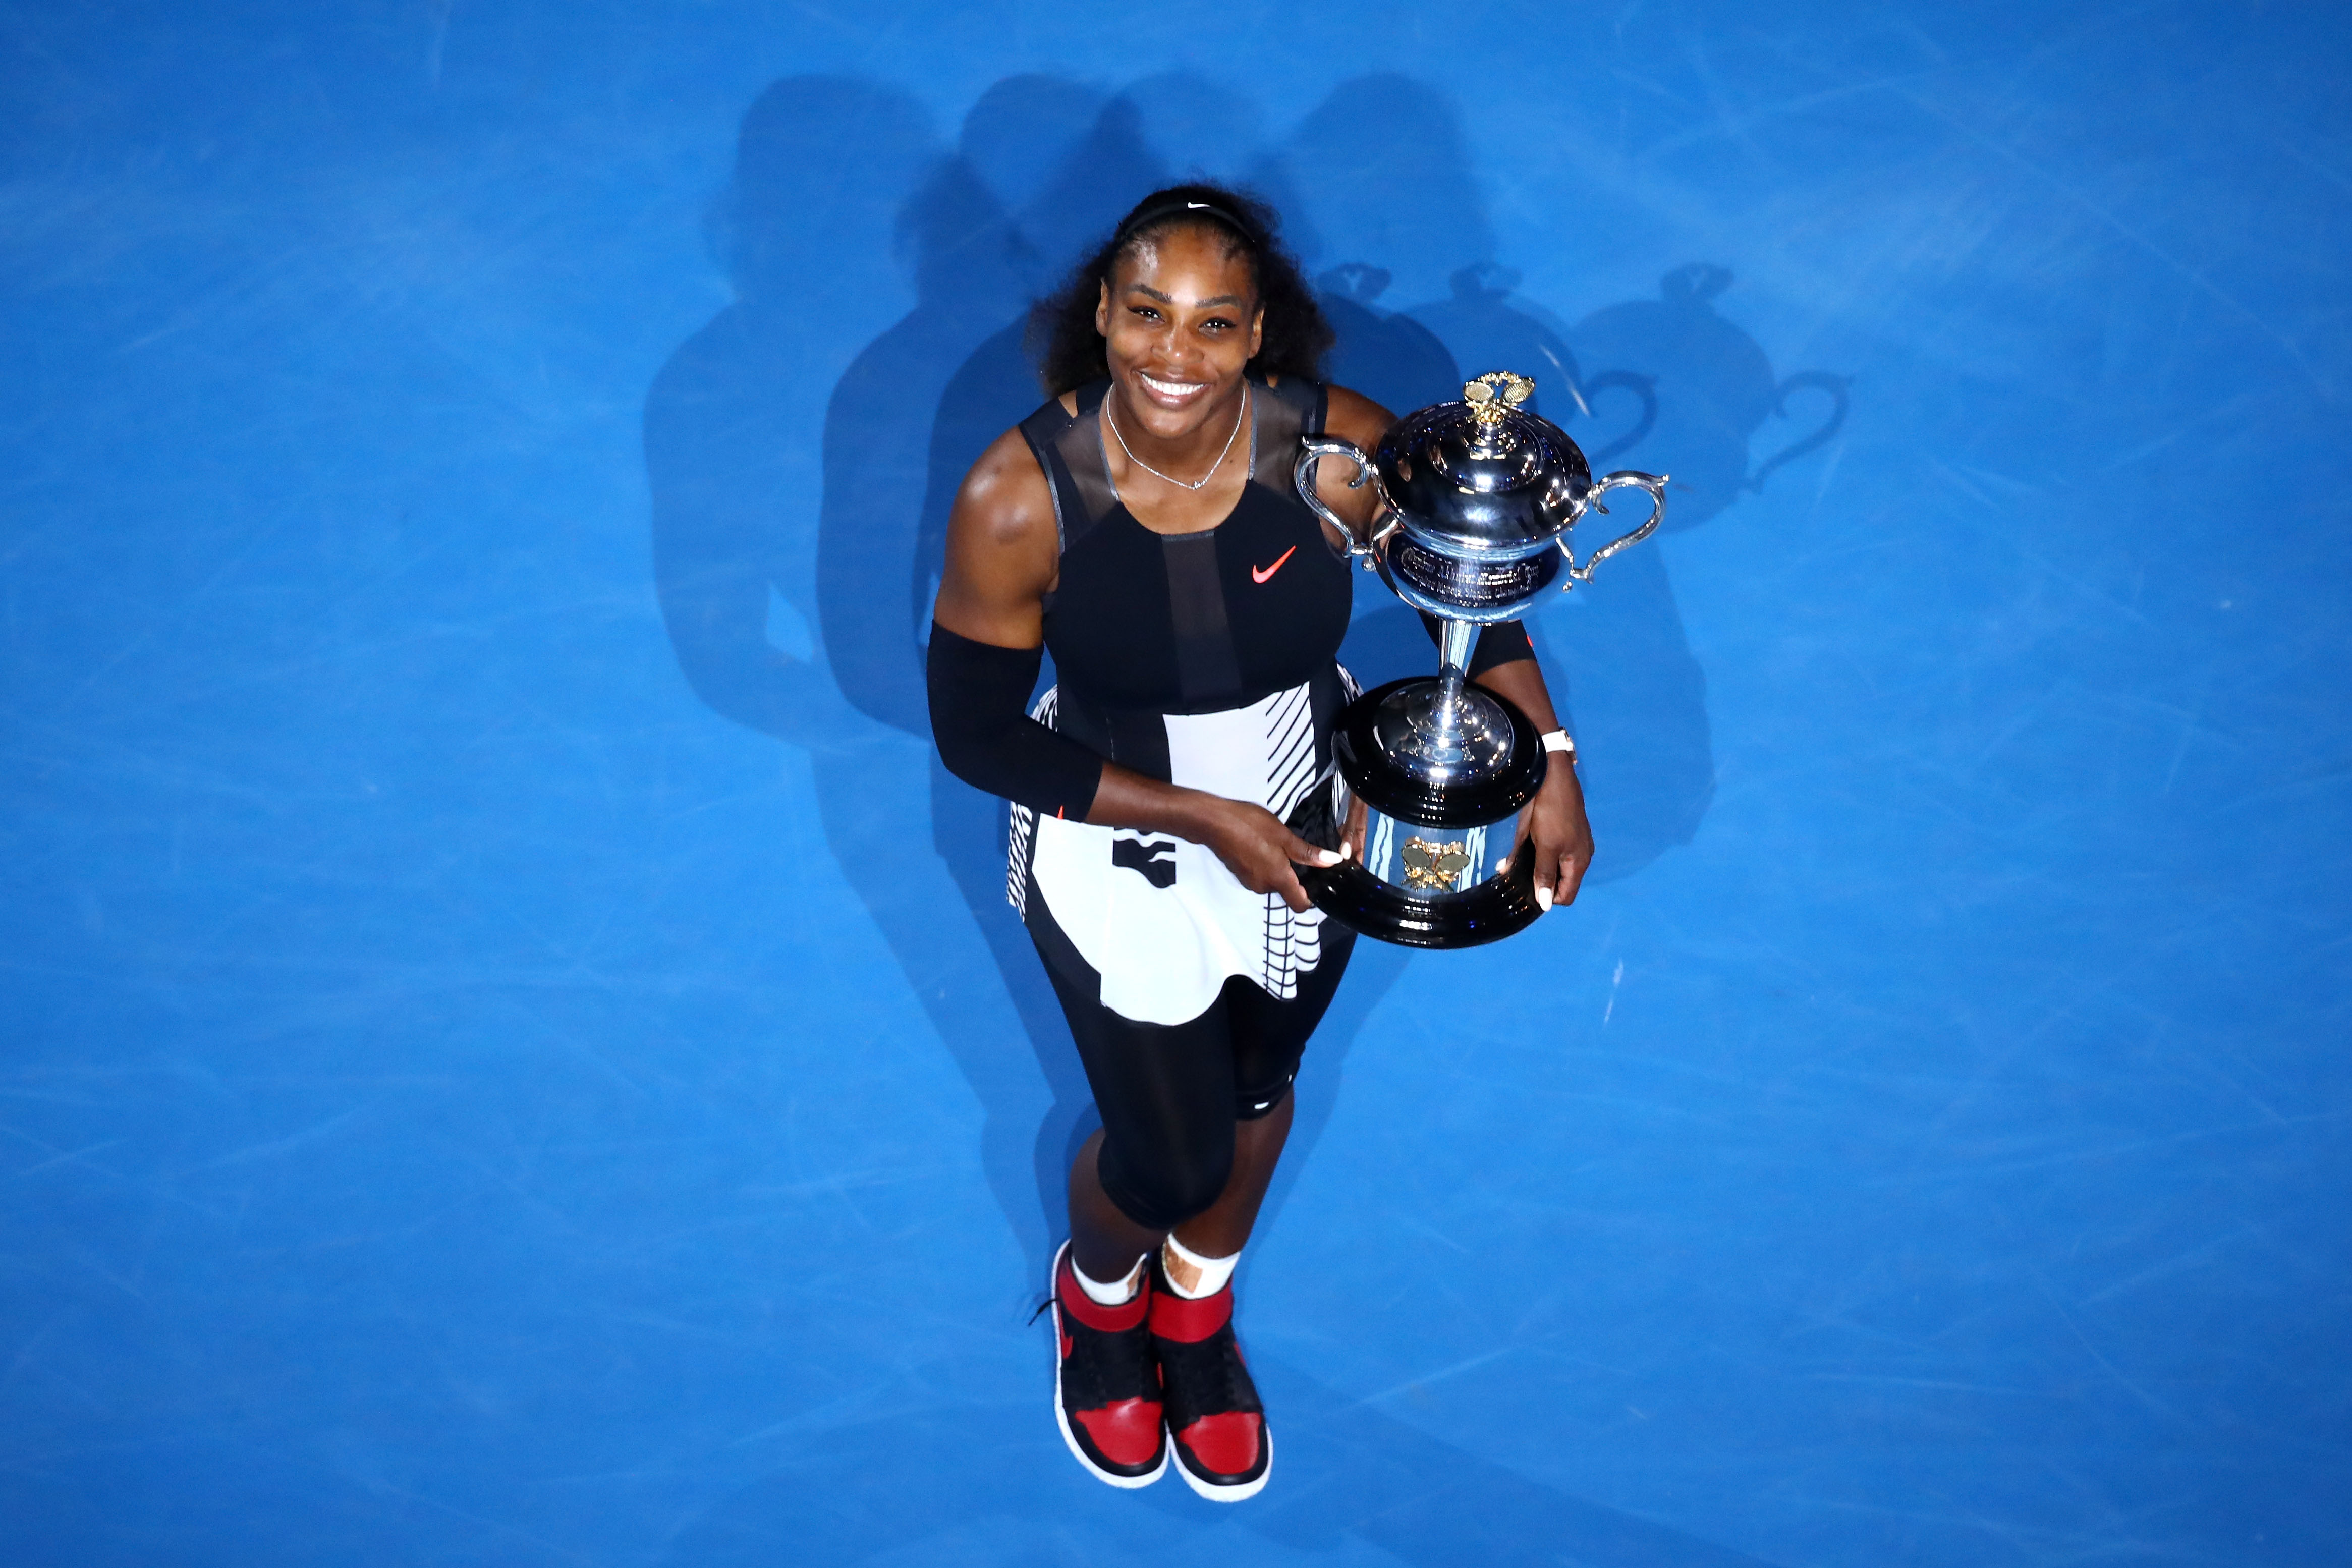 Michael Jordan surprised Serena Williams with custom 23 Grand Slam Jordans